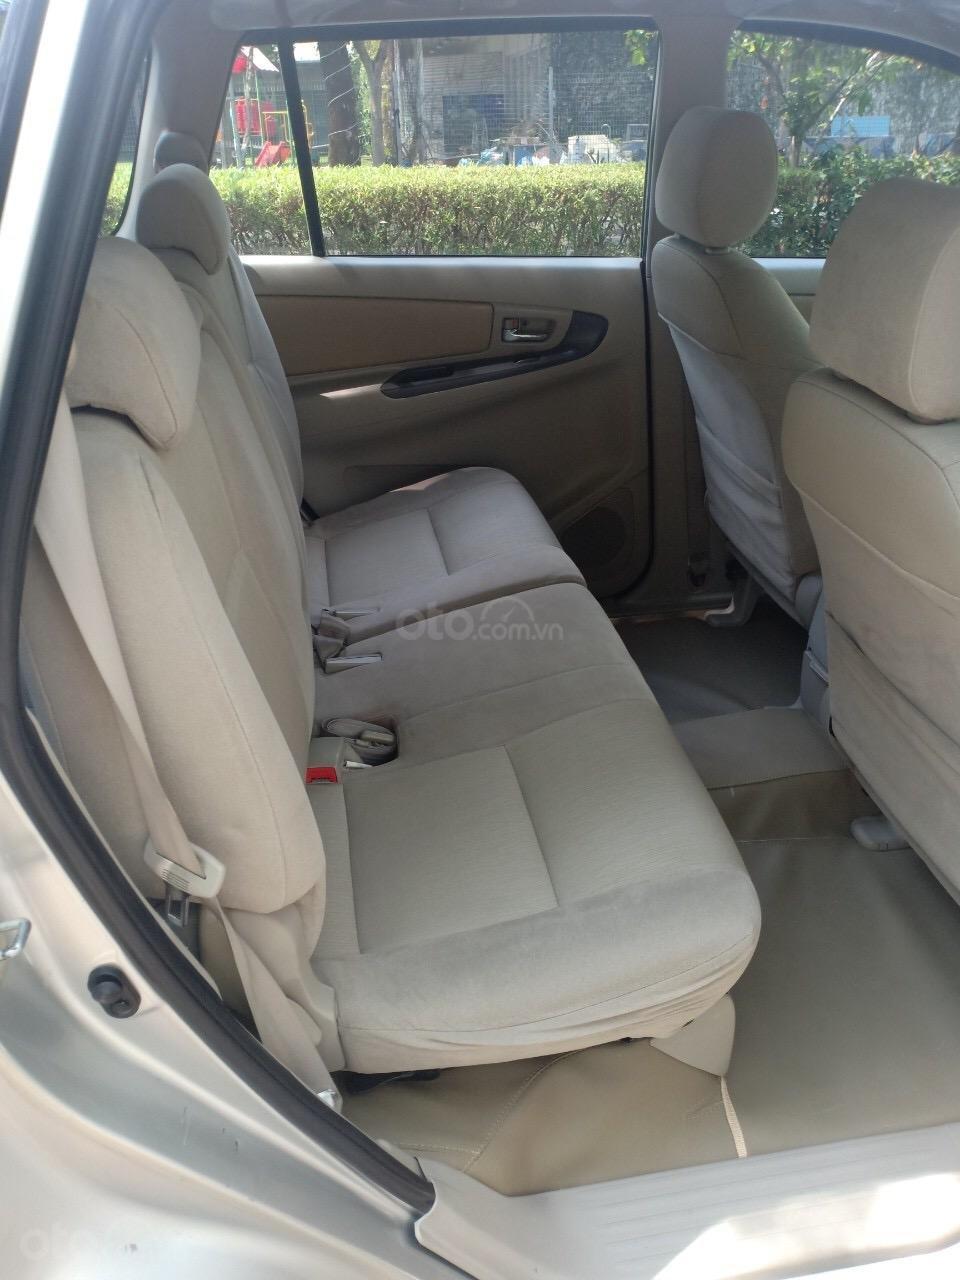 Bán xe Toyota Innova 2.0E sản xuất 2015, xe gia đình cần bán 540 triệu-5